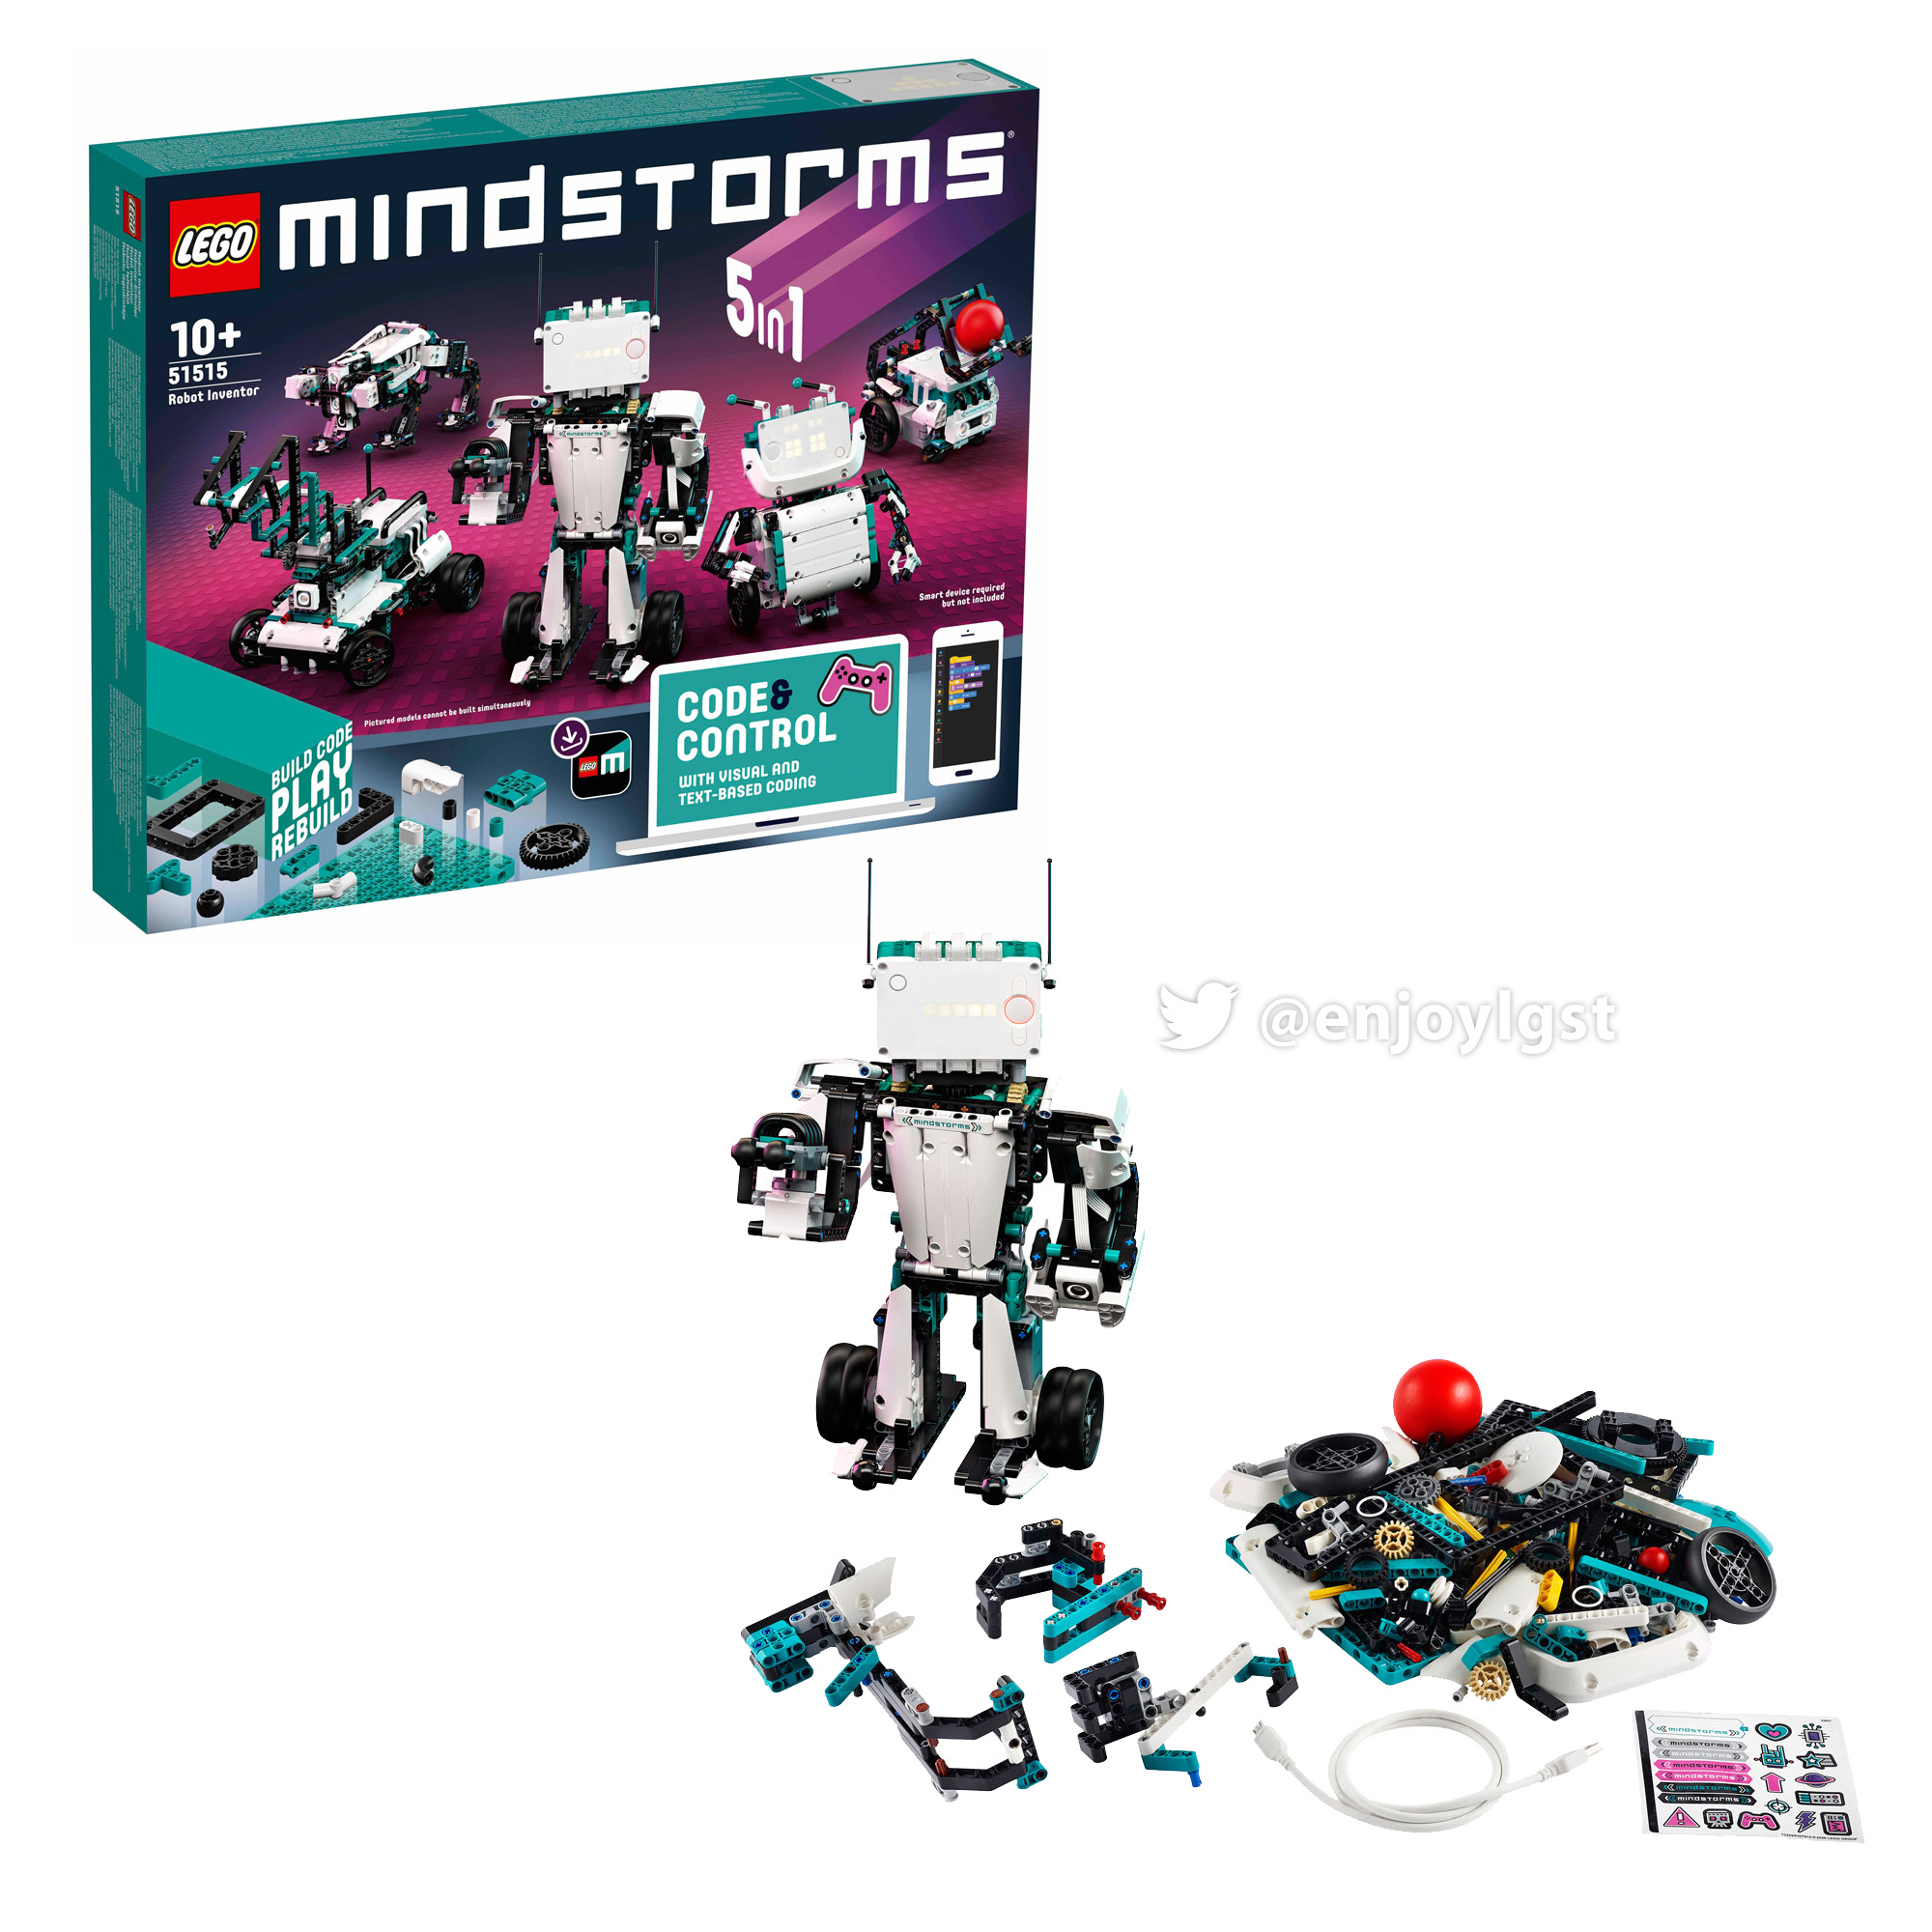 レゴ(LEGO) マインドストーム レゴ(R) ロボット・インベンター 51515